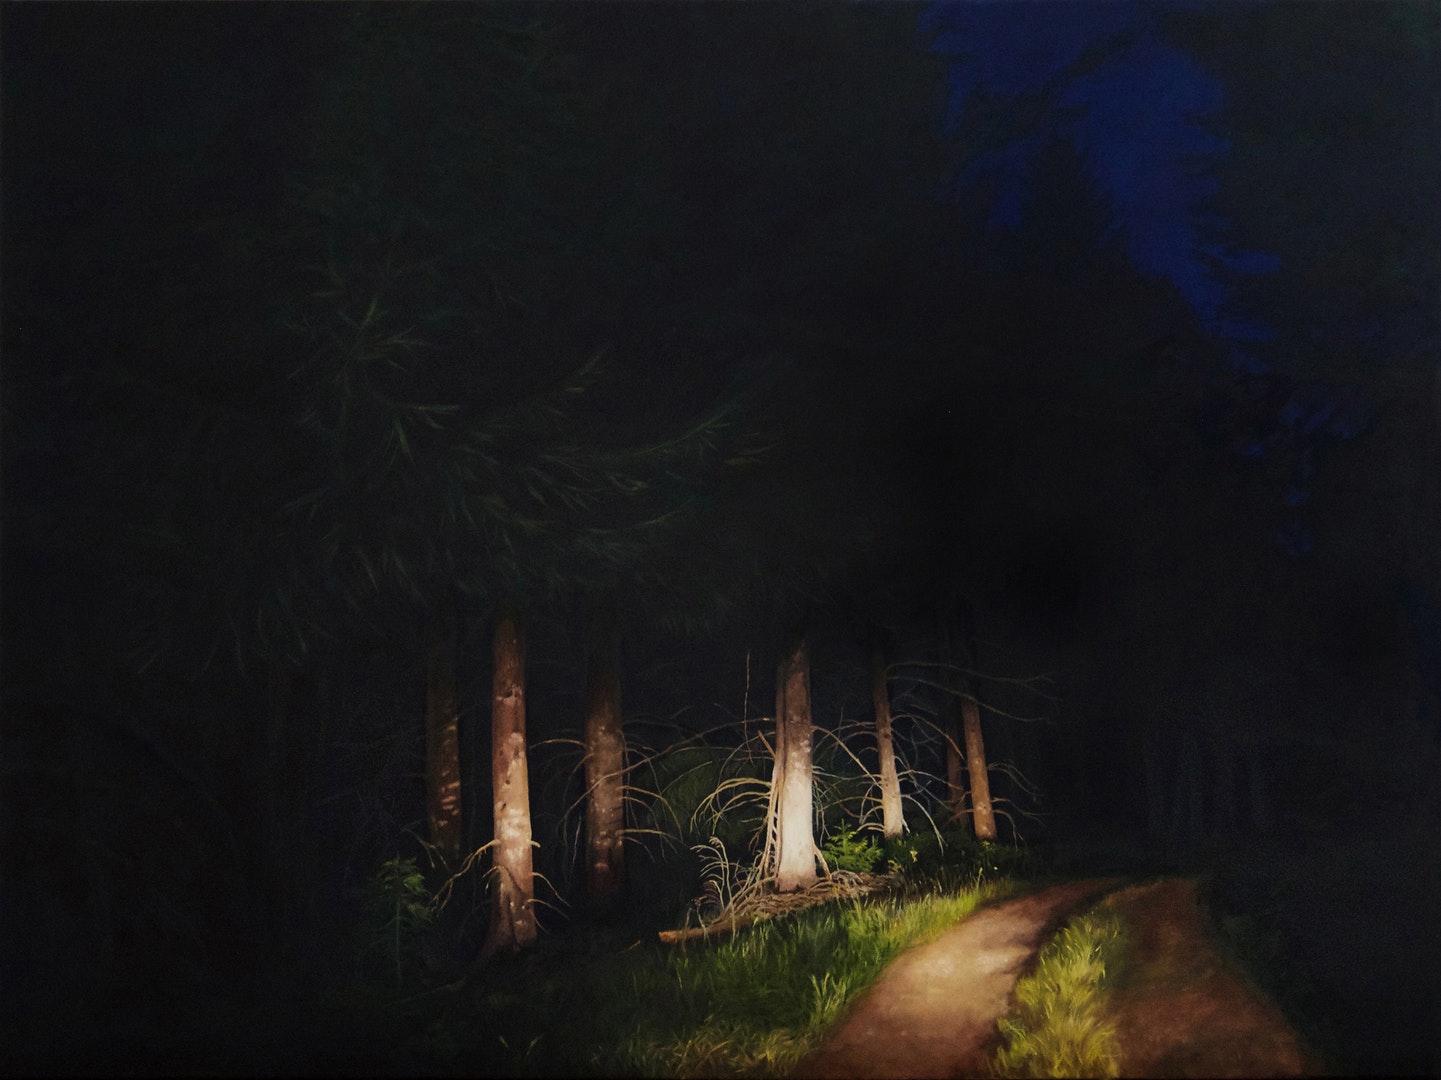 Natalie Dowse  Entre chien et loup 2  Oil on canvas, 90 x 120 x 3 cm  http://www.nataliedowse.co.uk